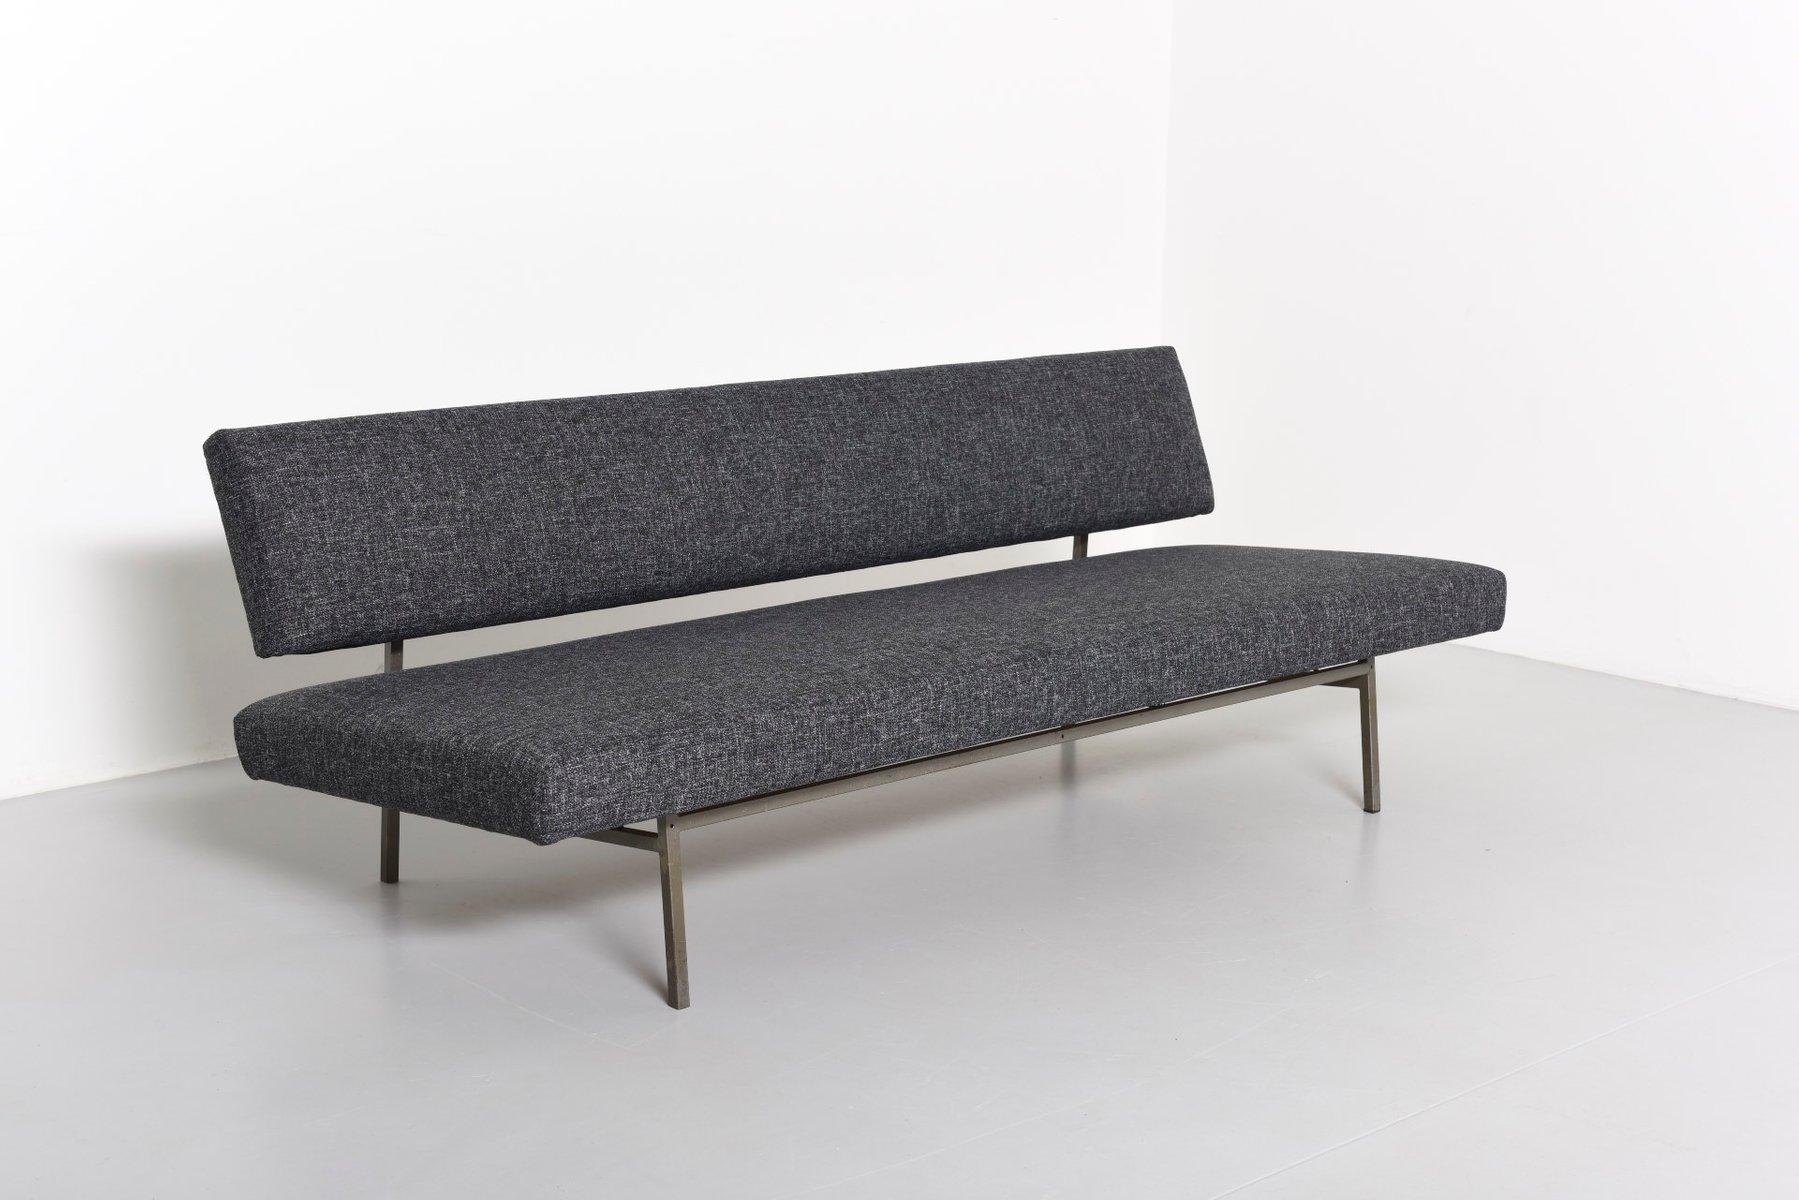 sofa bed by martin visser and gijs van der sluis for t 39 spectrum for sale at pamono. Black Bedroom Furniture Sets. Home Design Ideas